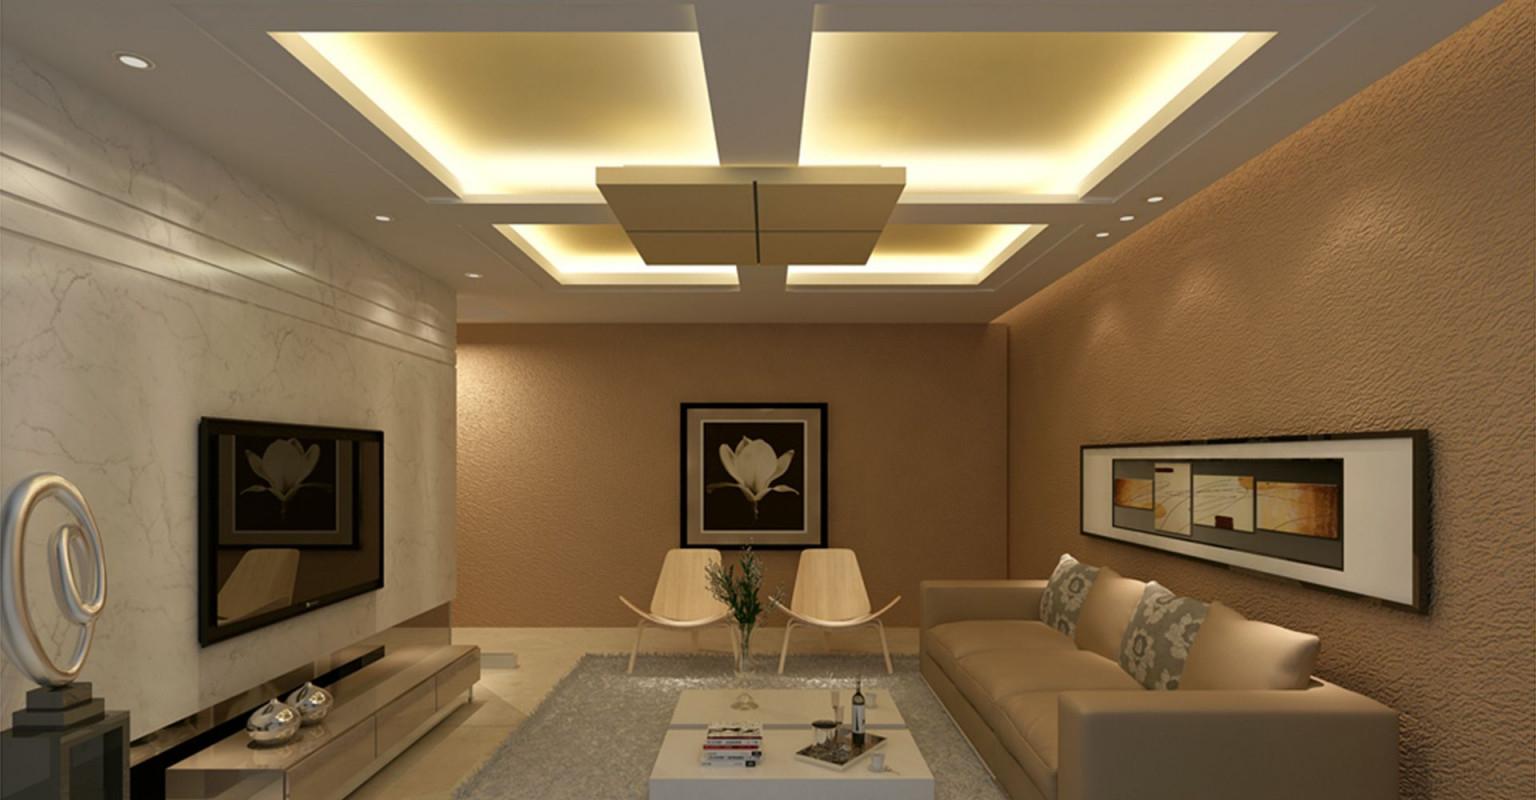 Moderne Wohnzimmer Decke Design Ideen Badezimmer von Moderne Deckengestaltung Wohnzimmer Bild